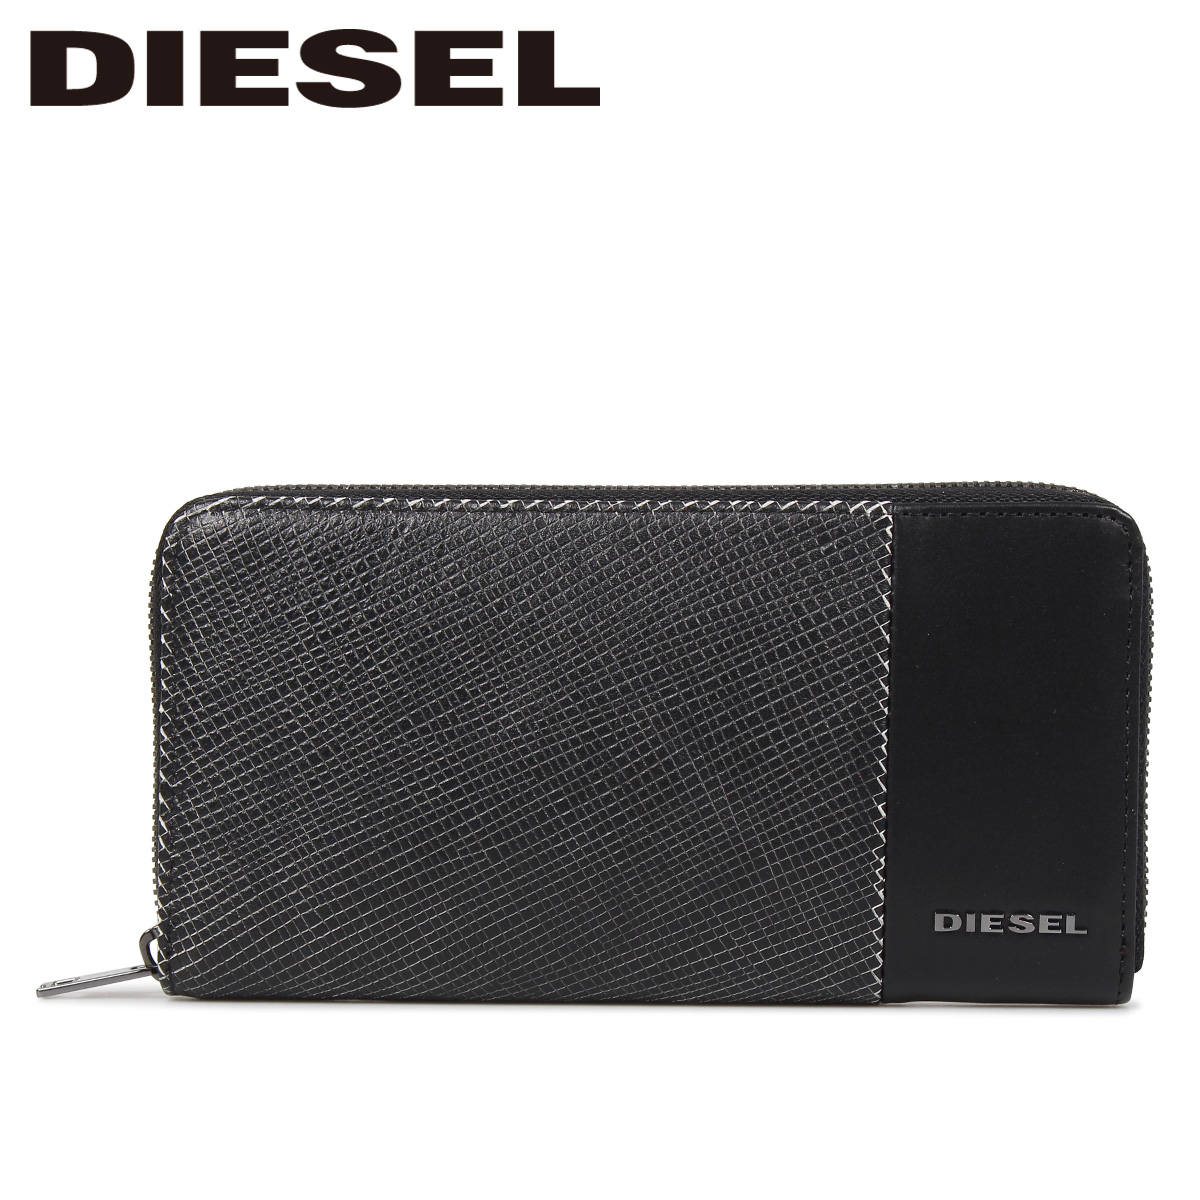 DIESEL CALTRANO 24 ZIP ディーゼル 財布 長財布 メンズ ラウンドファスナー 本革 ブラック 黒 X06312 P0598